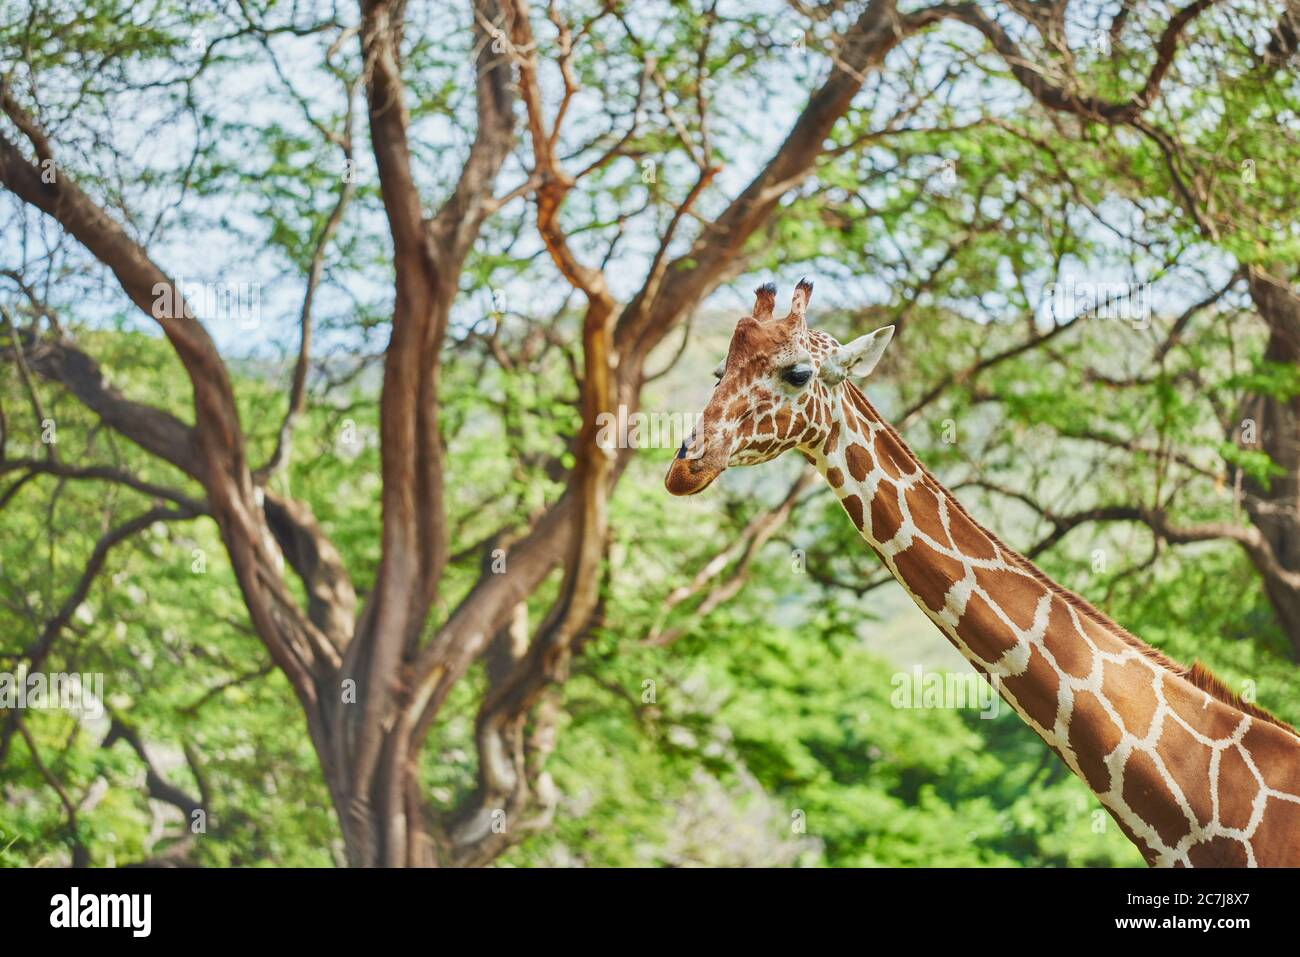 Girafe réticulée (Giraffa camelopardalis reticulata), debout dans la savane, portrait, Afrique Banque D'Images